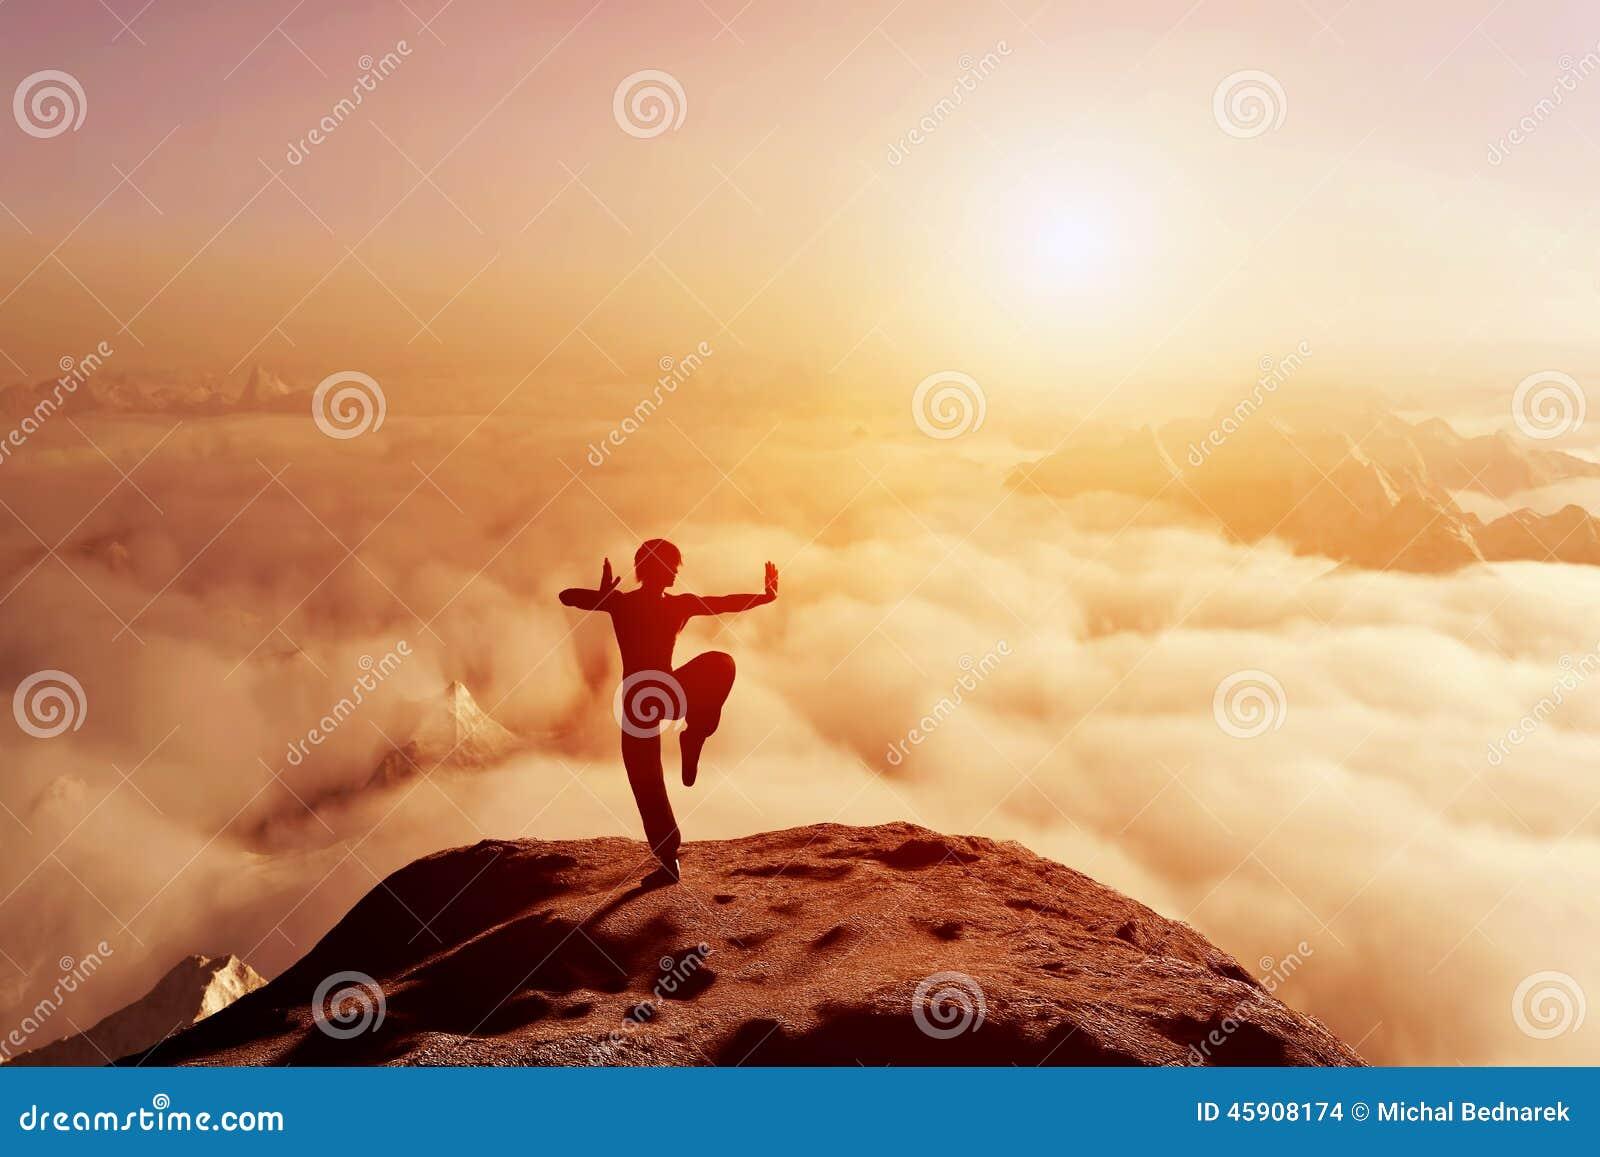 Asiatischer Mann meditiert in Yogaposition Über Wolken